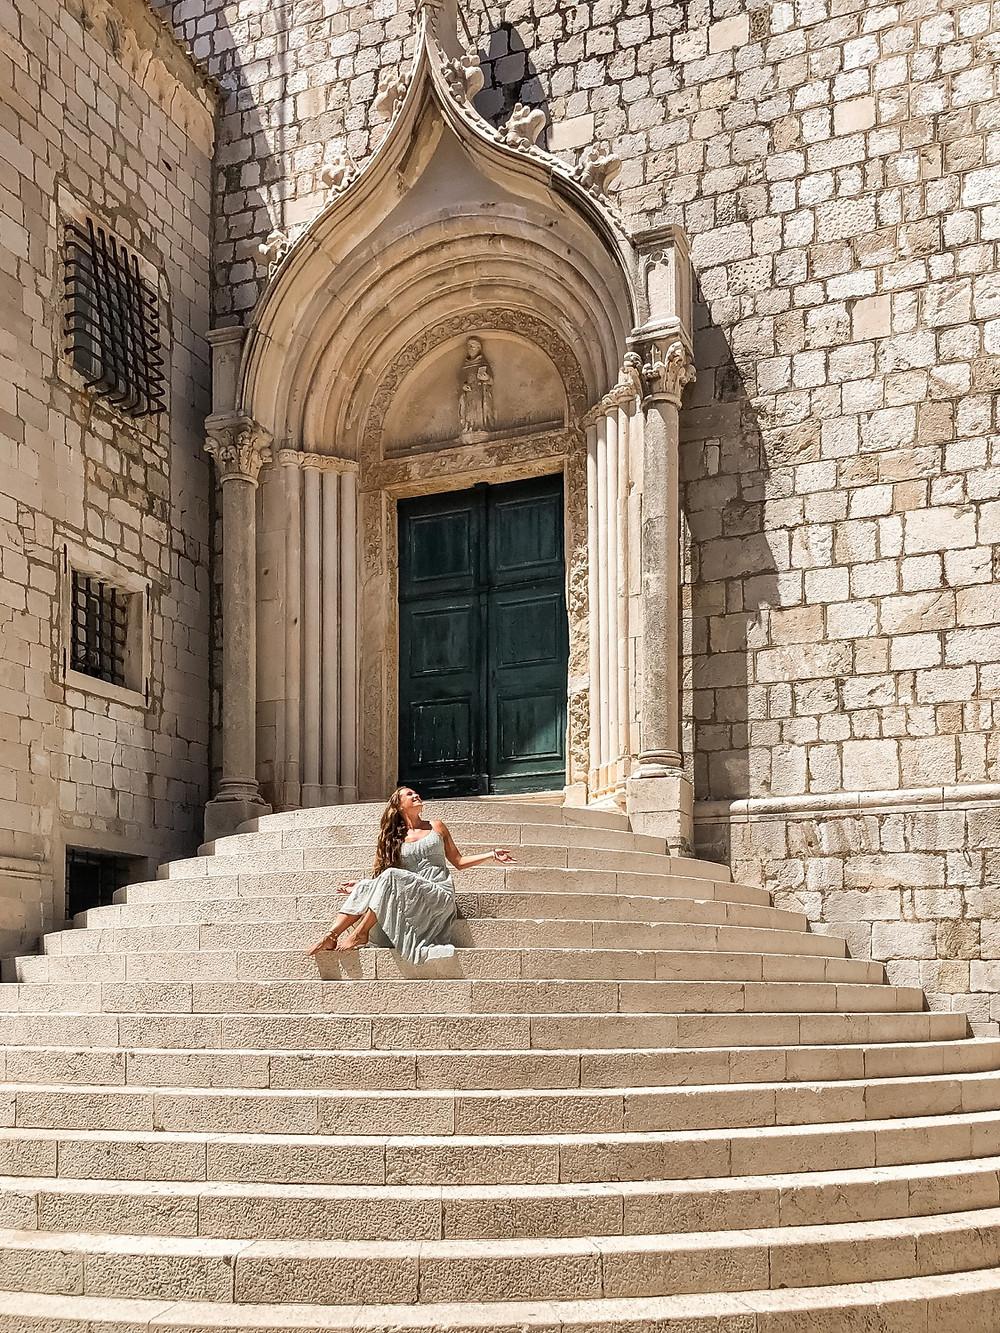 Dubrovnik-st-Sebastian-kirche-treppe-fotospot